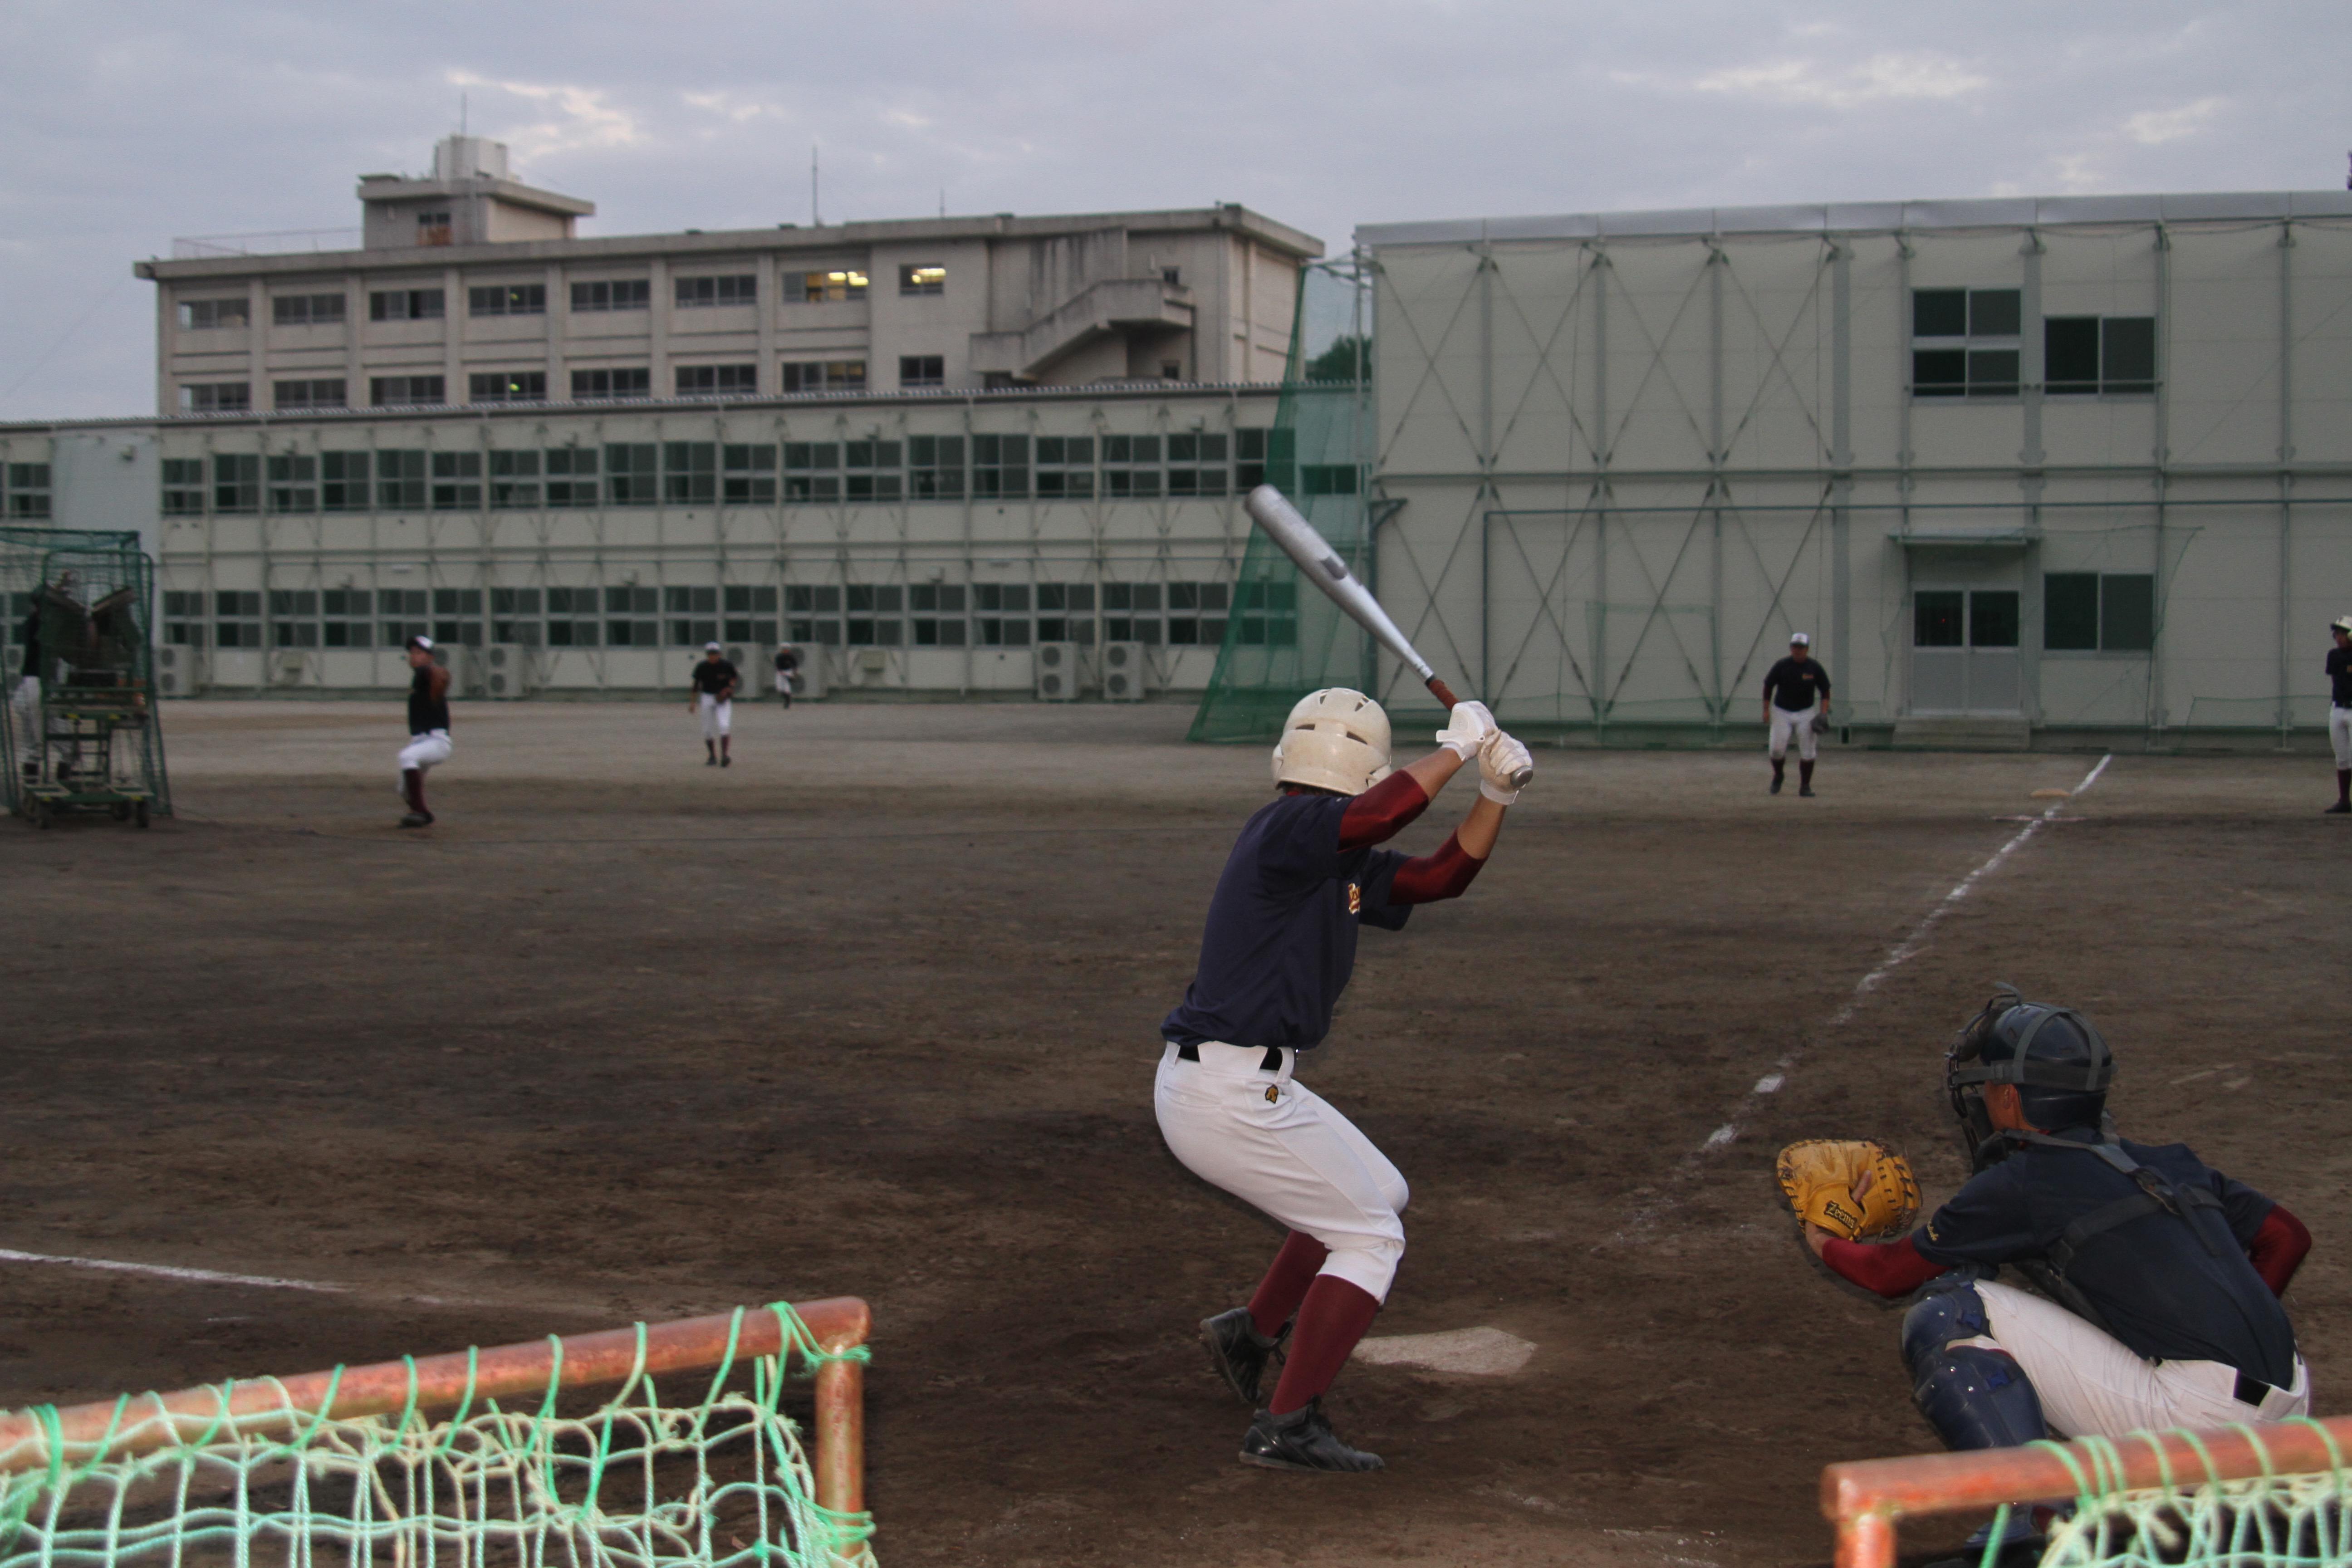 【津久井浜 野球部】津久井浜流「ホームランを打つ練習」